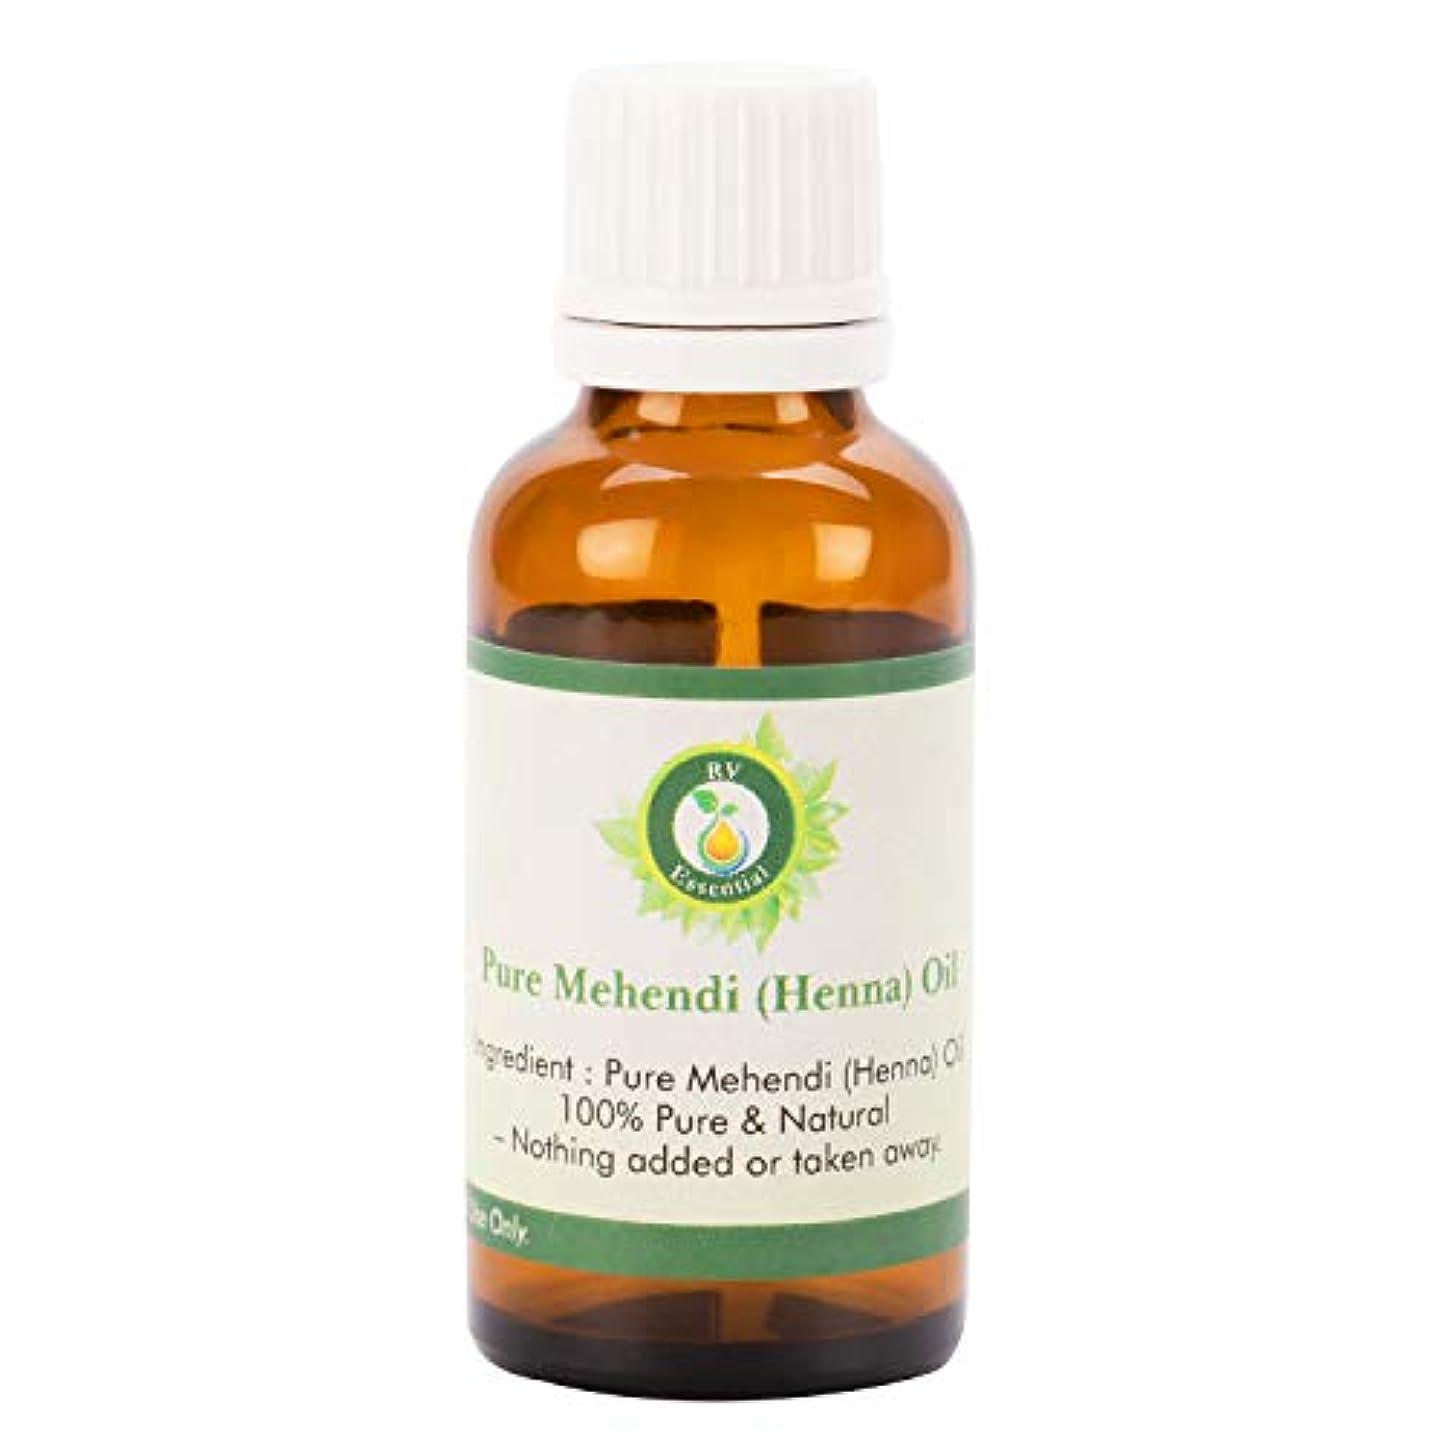 シュリンク害虫中間ピュアMehendi(ヘナ)オイル100ml (3.38oz)- (100%純粋でナチュラル) Pure Mehendi (Henna) Oil